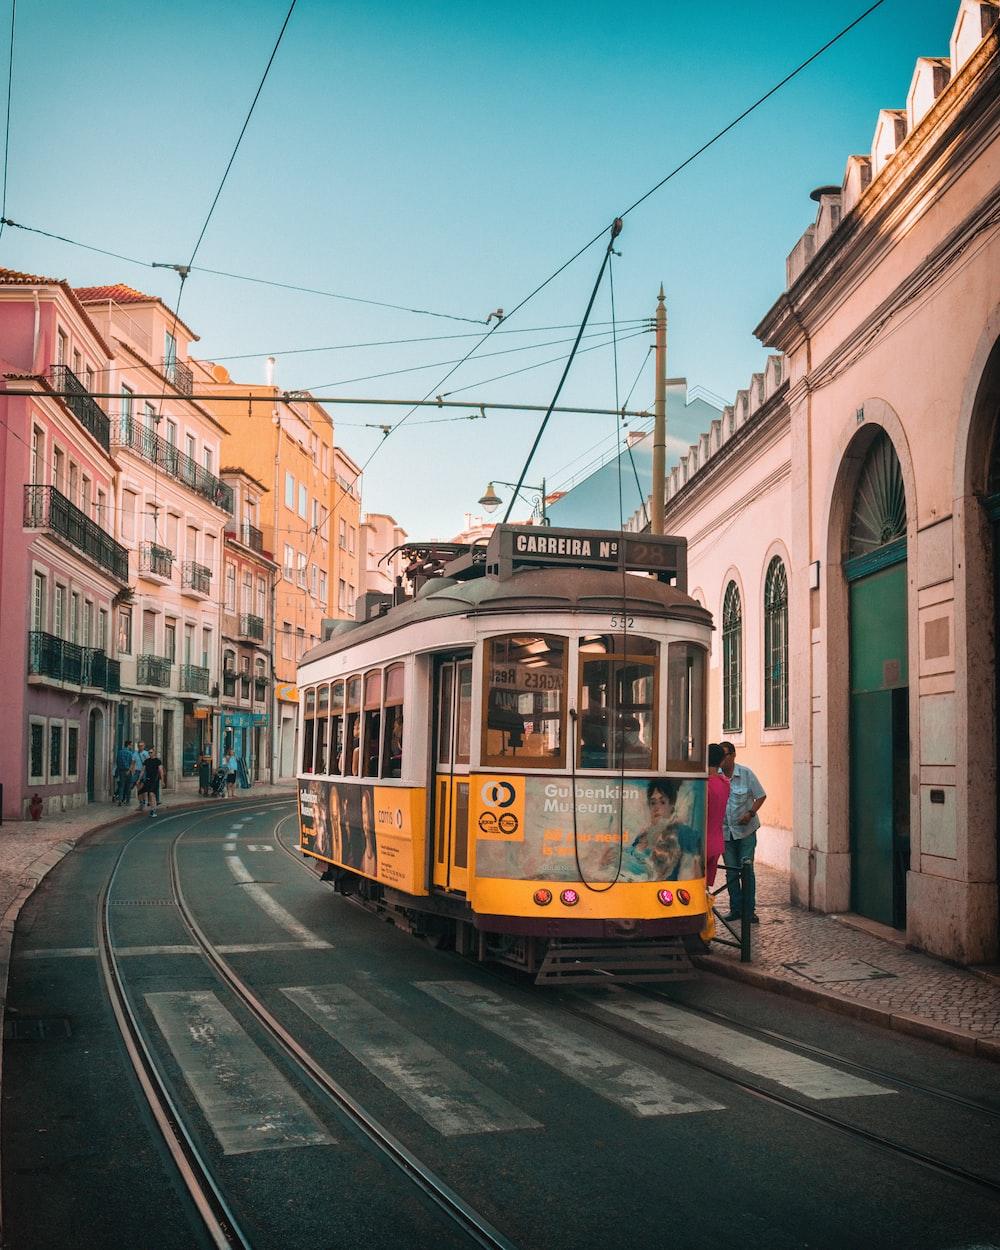 white and yellow tram